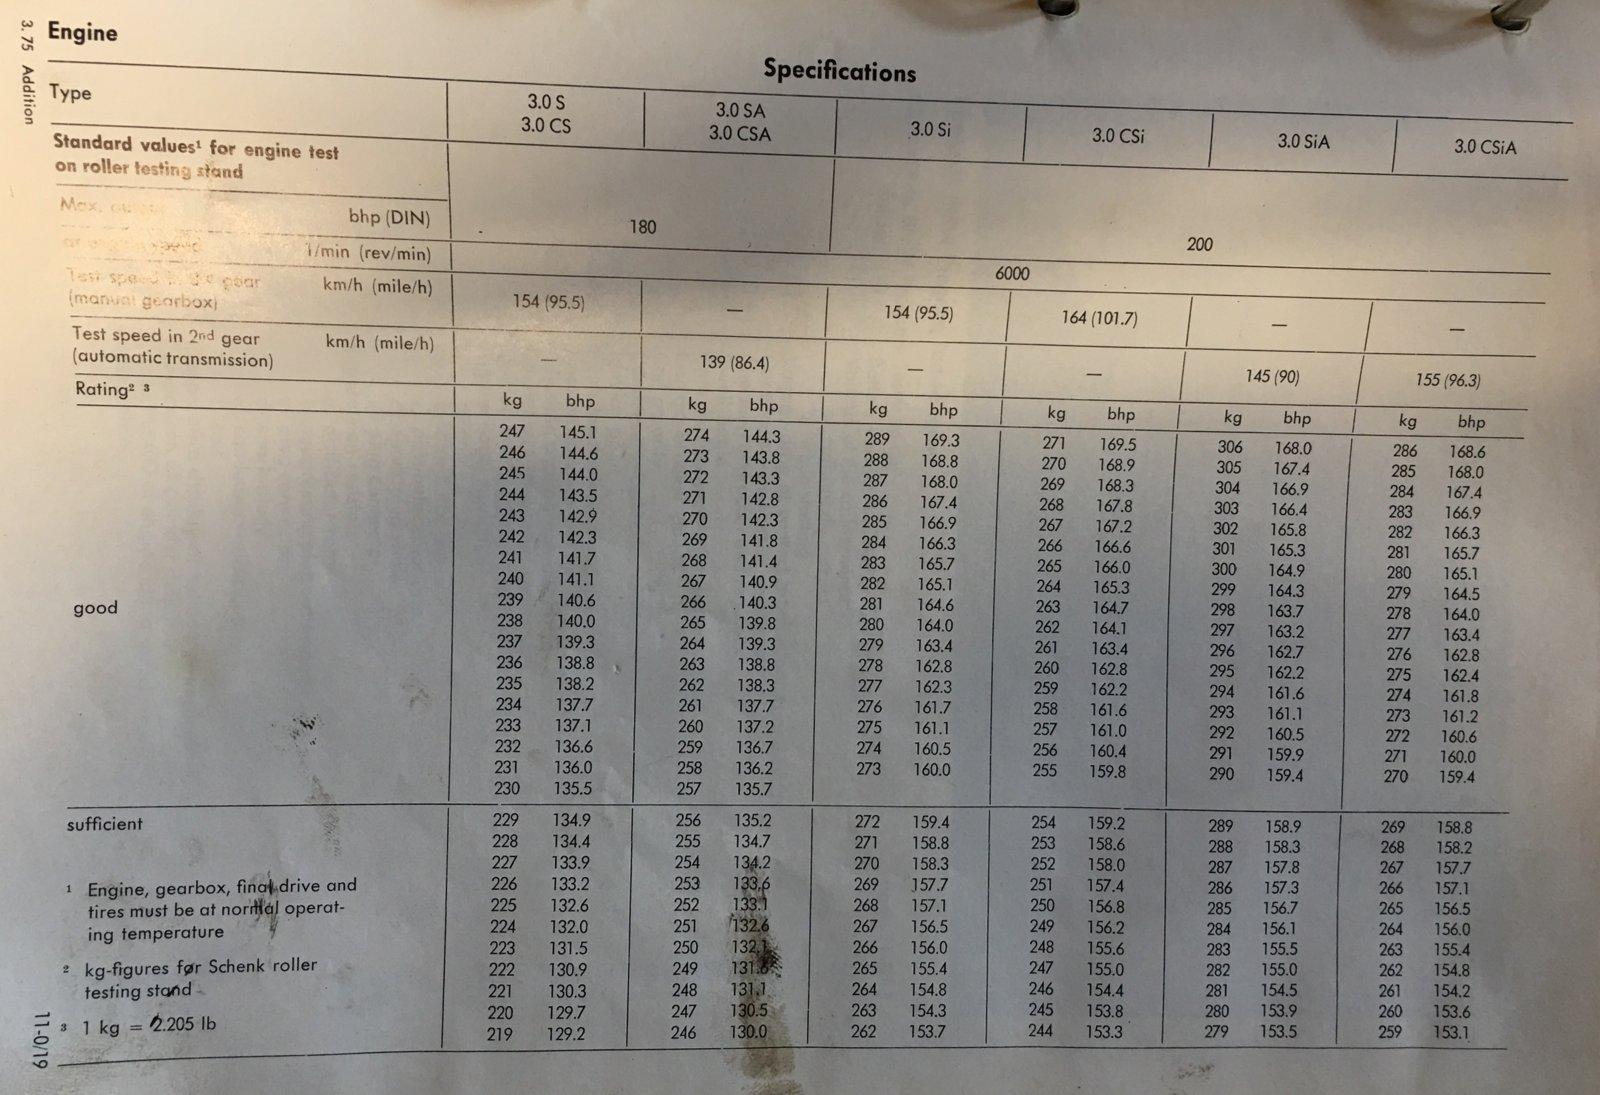 568F49D2-DA44-415E-AD12-3BBA9FC766DC.jpeg